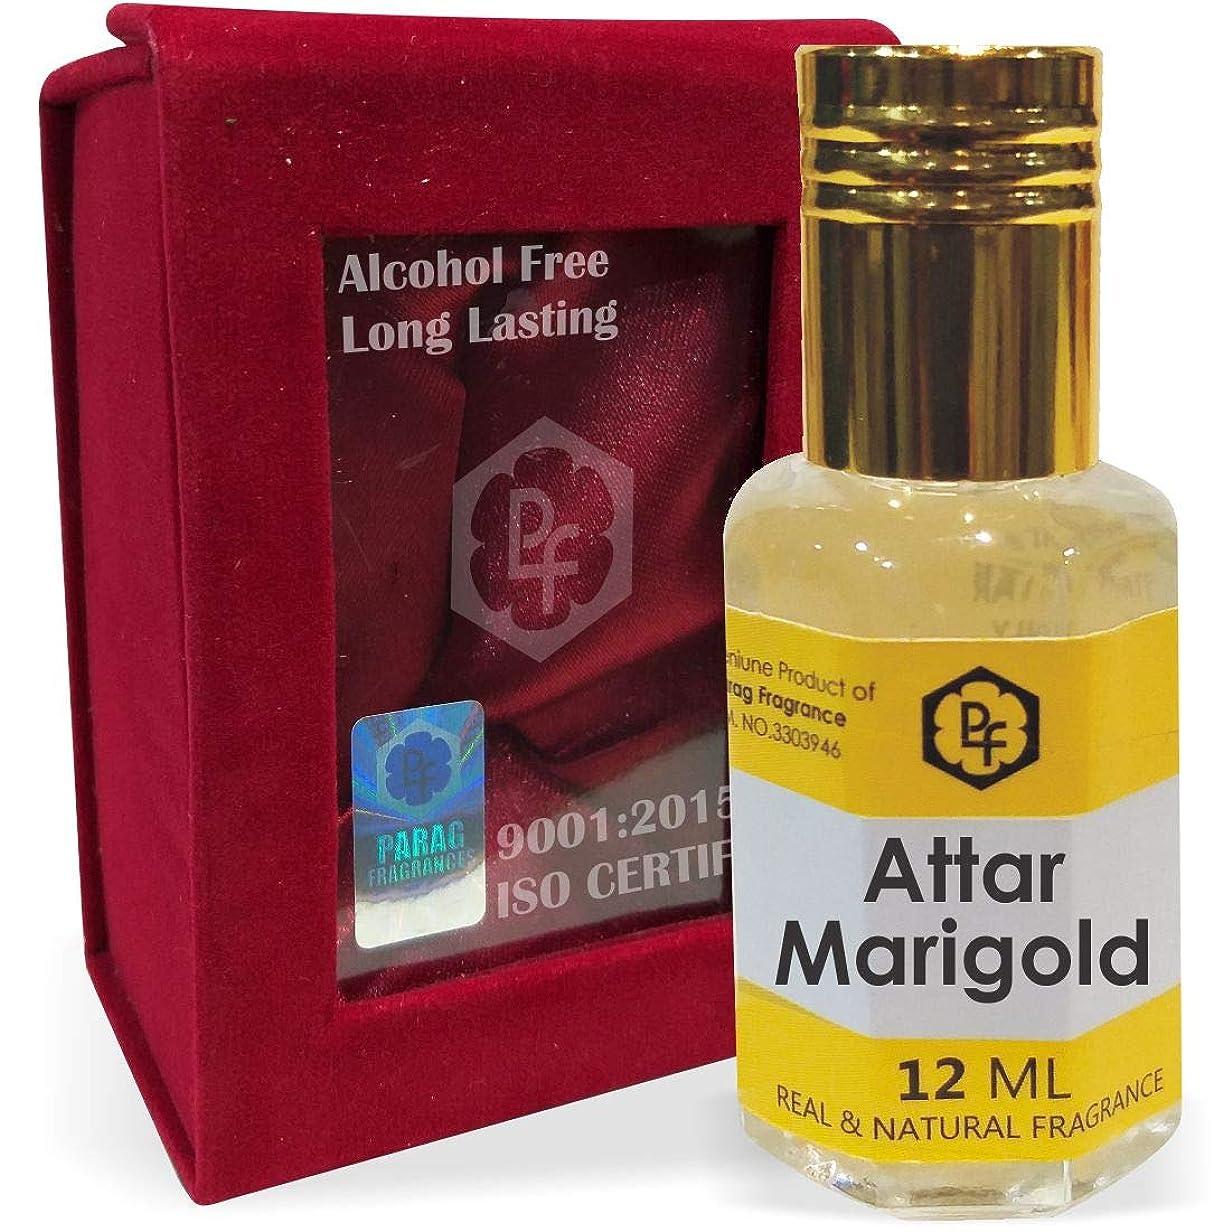 属性トランクライブラリローマ人Paragフレグランスマリーゴールド12ミリリットル手作りベルベットボックスアター/香水(インドの伝統的なBhapka処理方法により、インド製)オイル/フレグランスオイル|長持ちアターITRA最高の品質